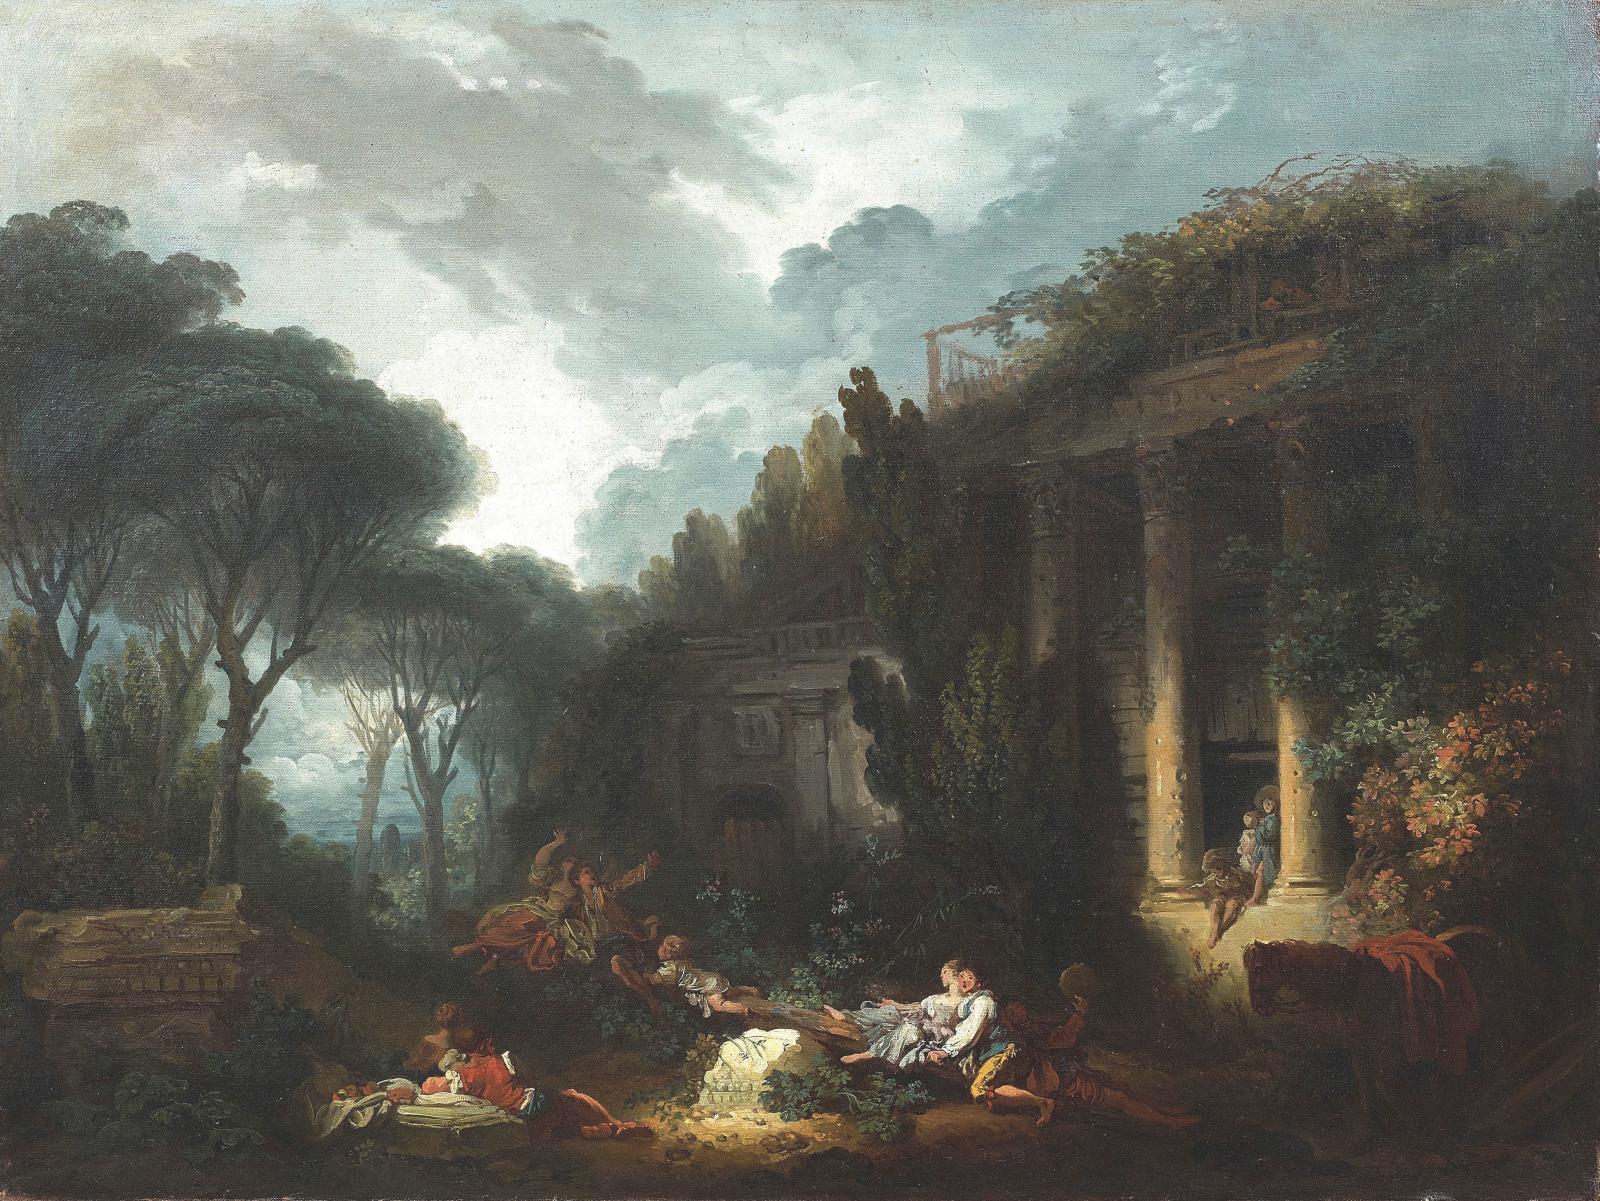 Jean-Honoré Fragonard (1732-1806), Le Jeu de la bascule, huile sur toile, 75x93cm. © Sebert